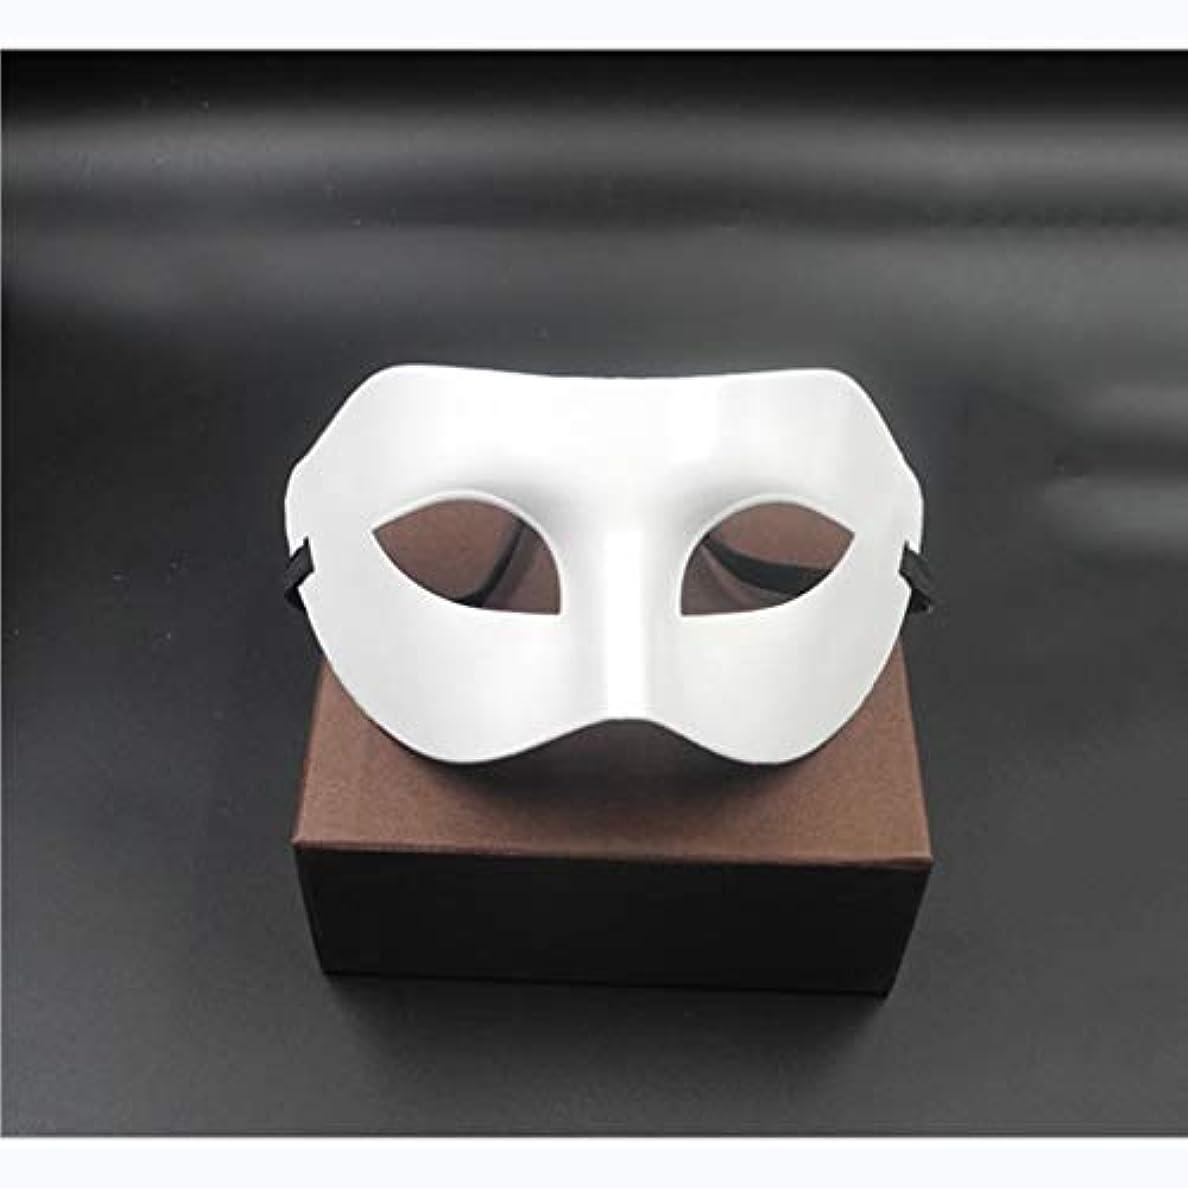 買収国籍コロニアルハロウィン男性と女性の半分の顔のマスクの大人の子供のマスクの仮装パーティー黒と白のマスク (Color : WHITE)